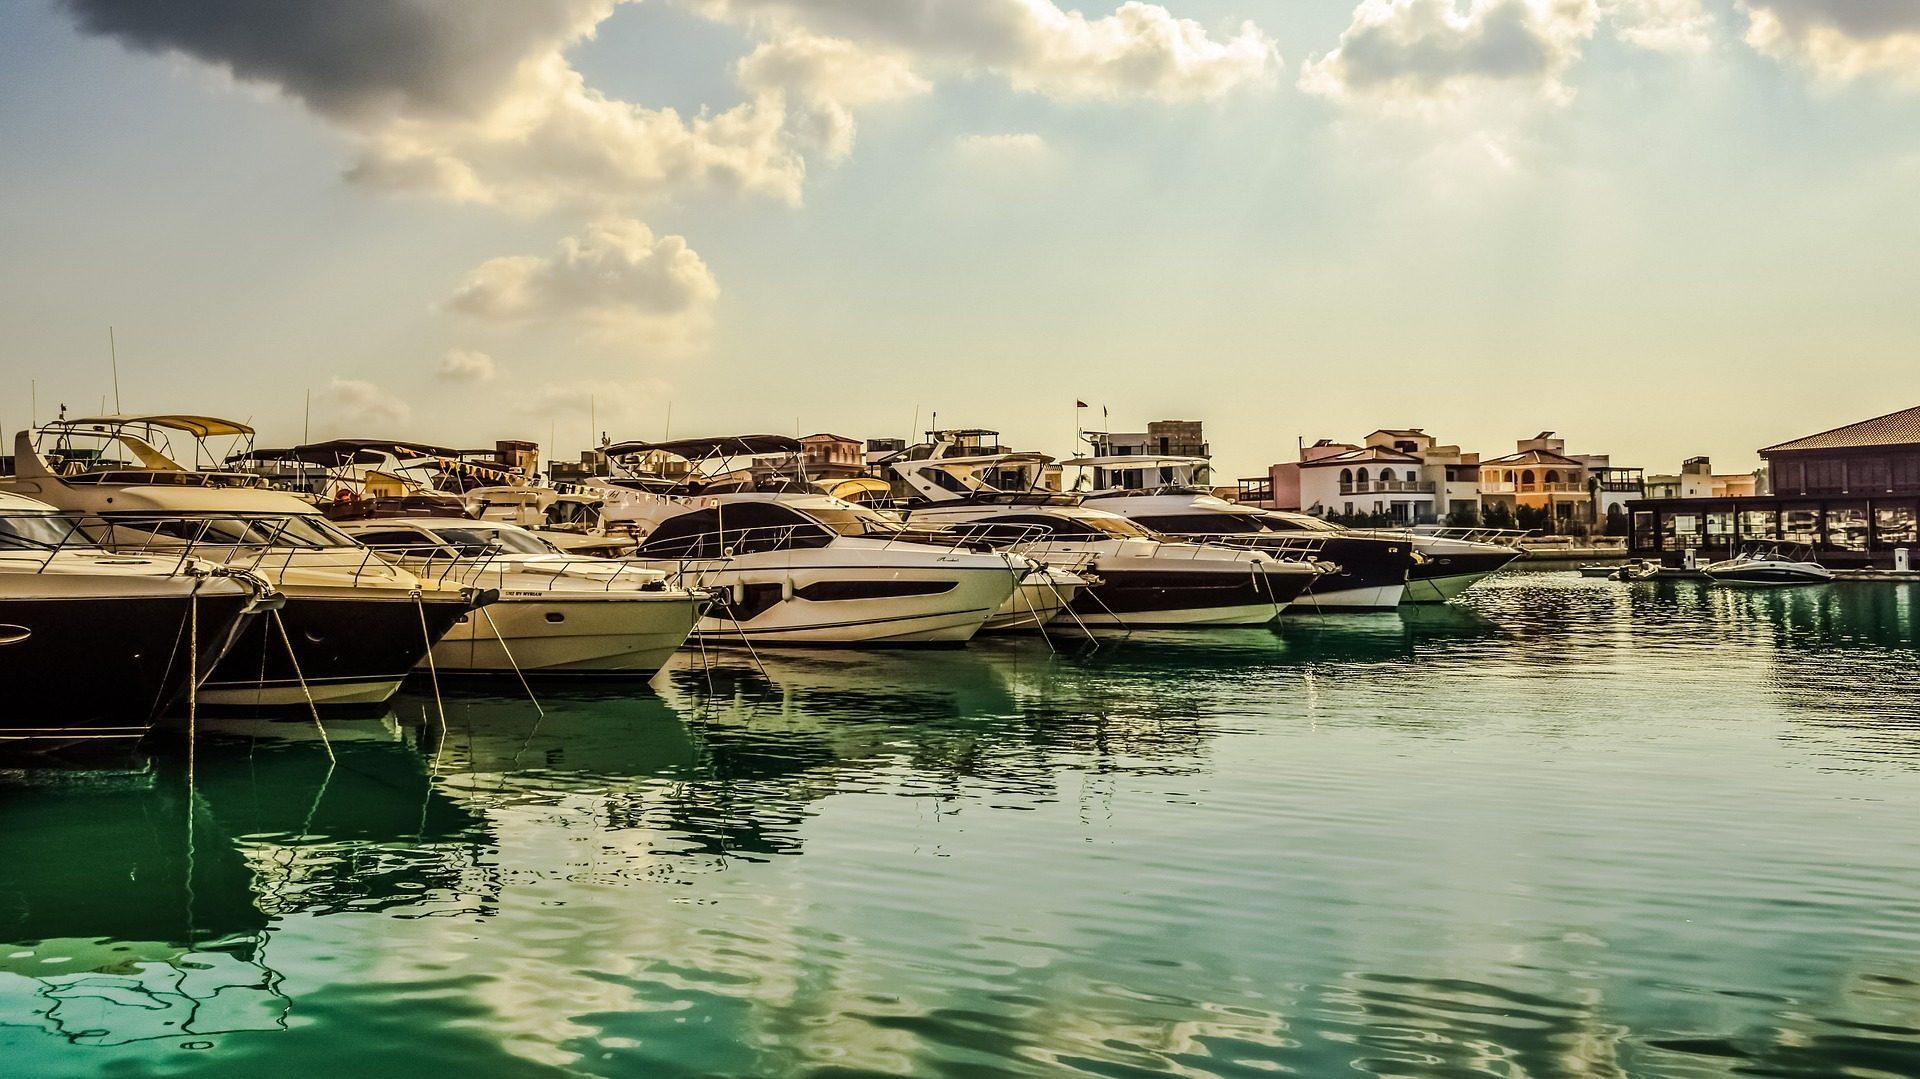 porta, Mare, barcos, botes, Barche - Sfondi HD - Professor-falken.com